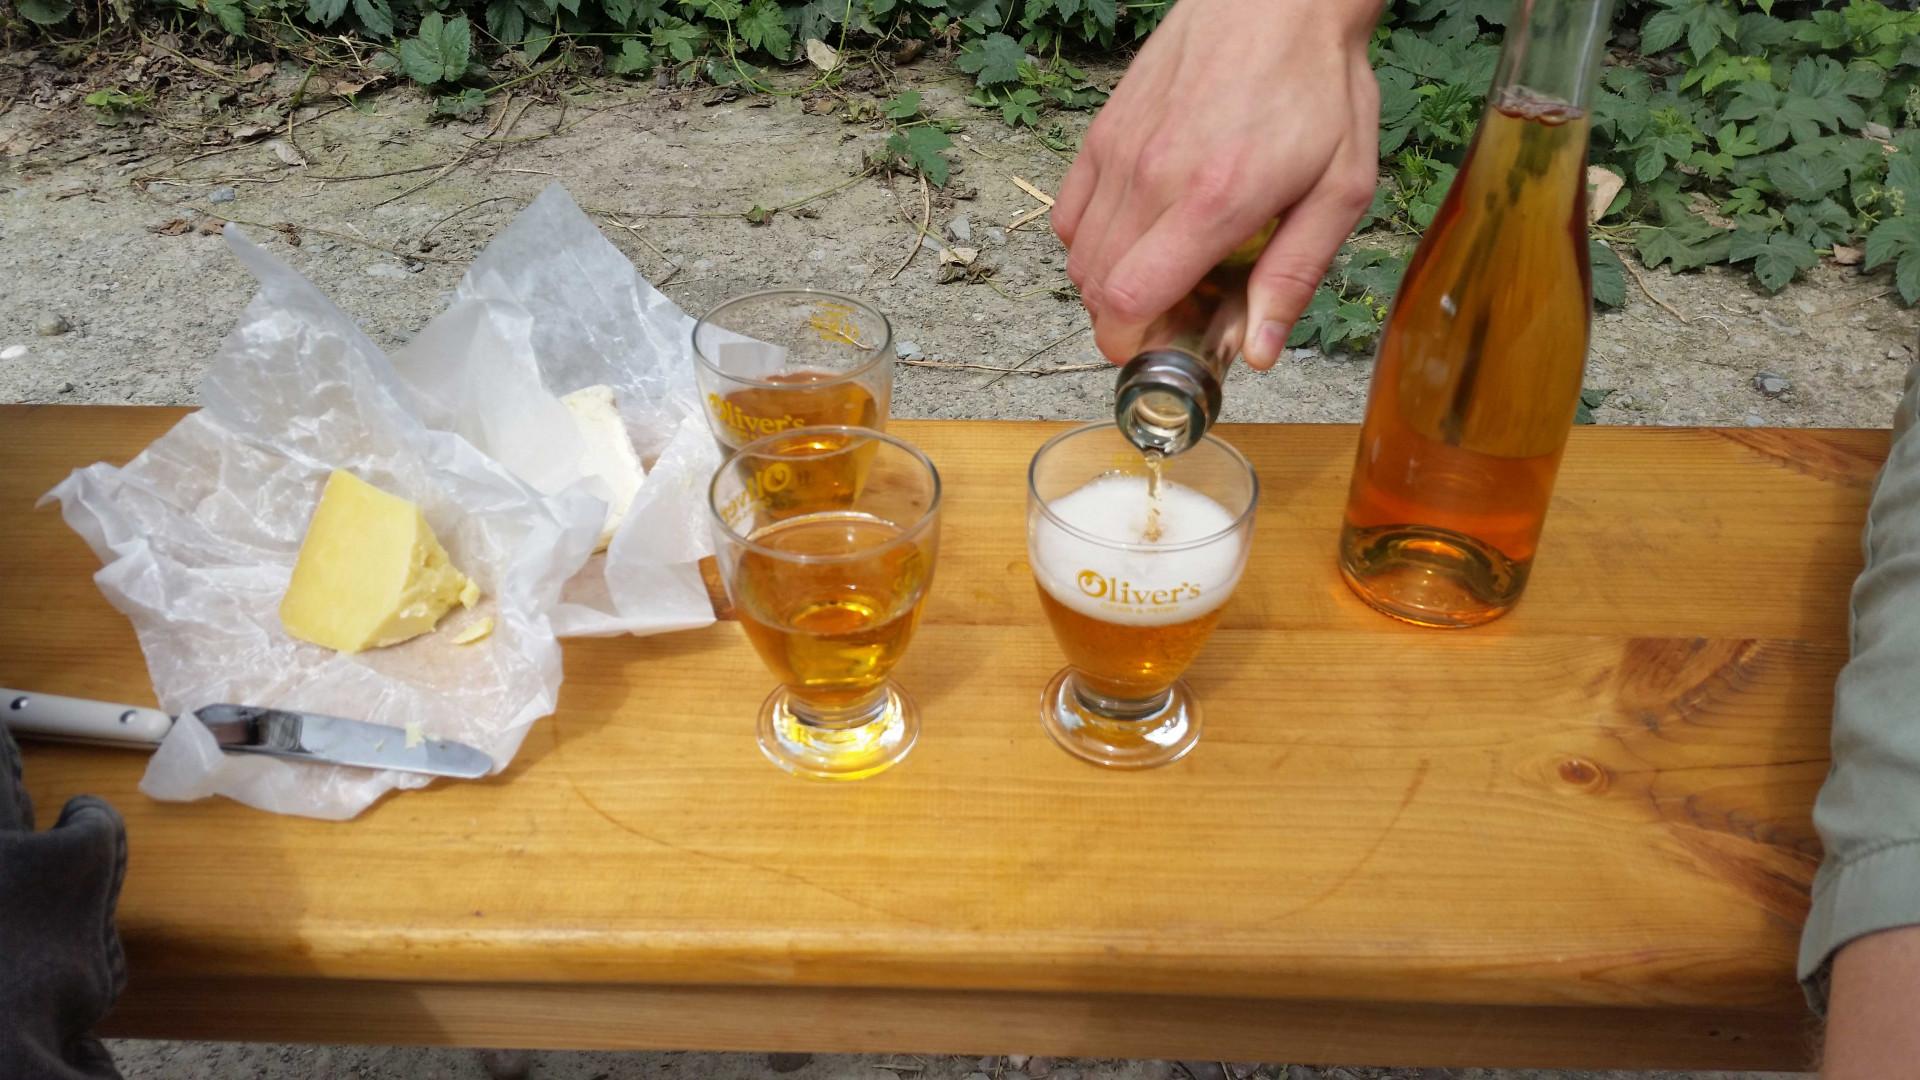 Oliver's Cider